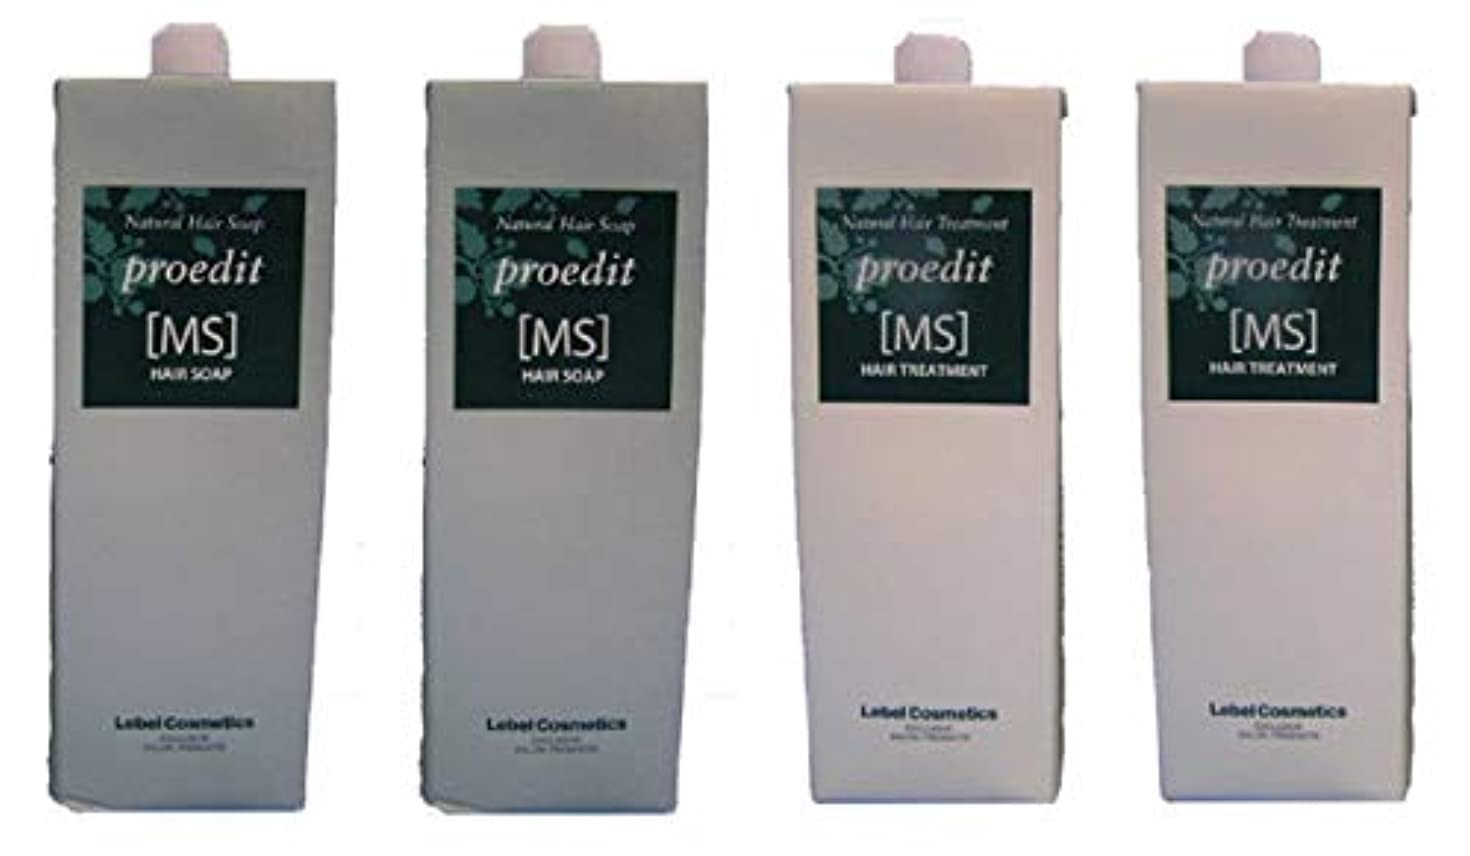 統合着飾る毎年ルベル プロエディット シャンプーMS 1600ml ×2個 セット & トリートメントMS 1600ml ×2個 セット セット 業務用 詰め替え用 LebeL proedit